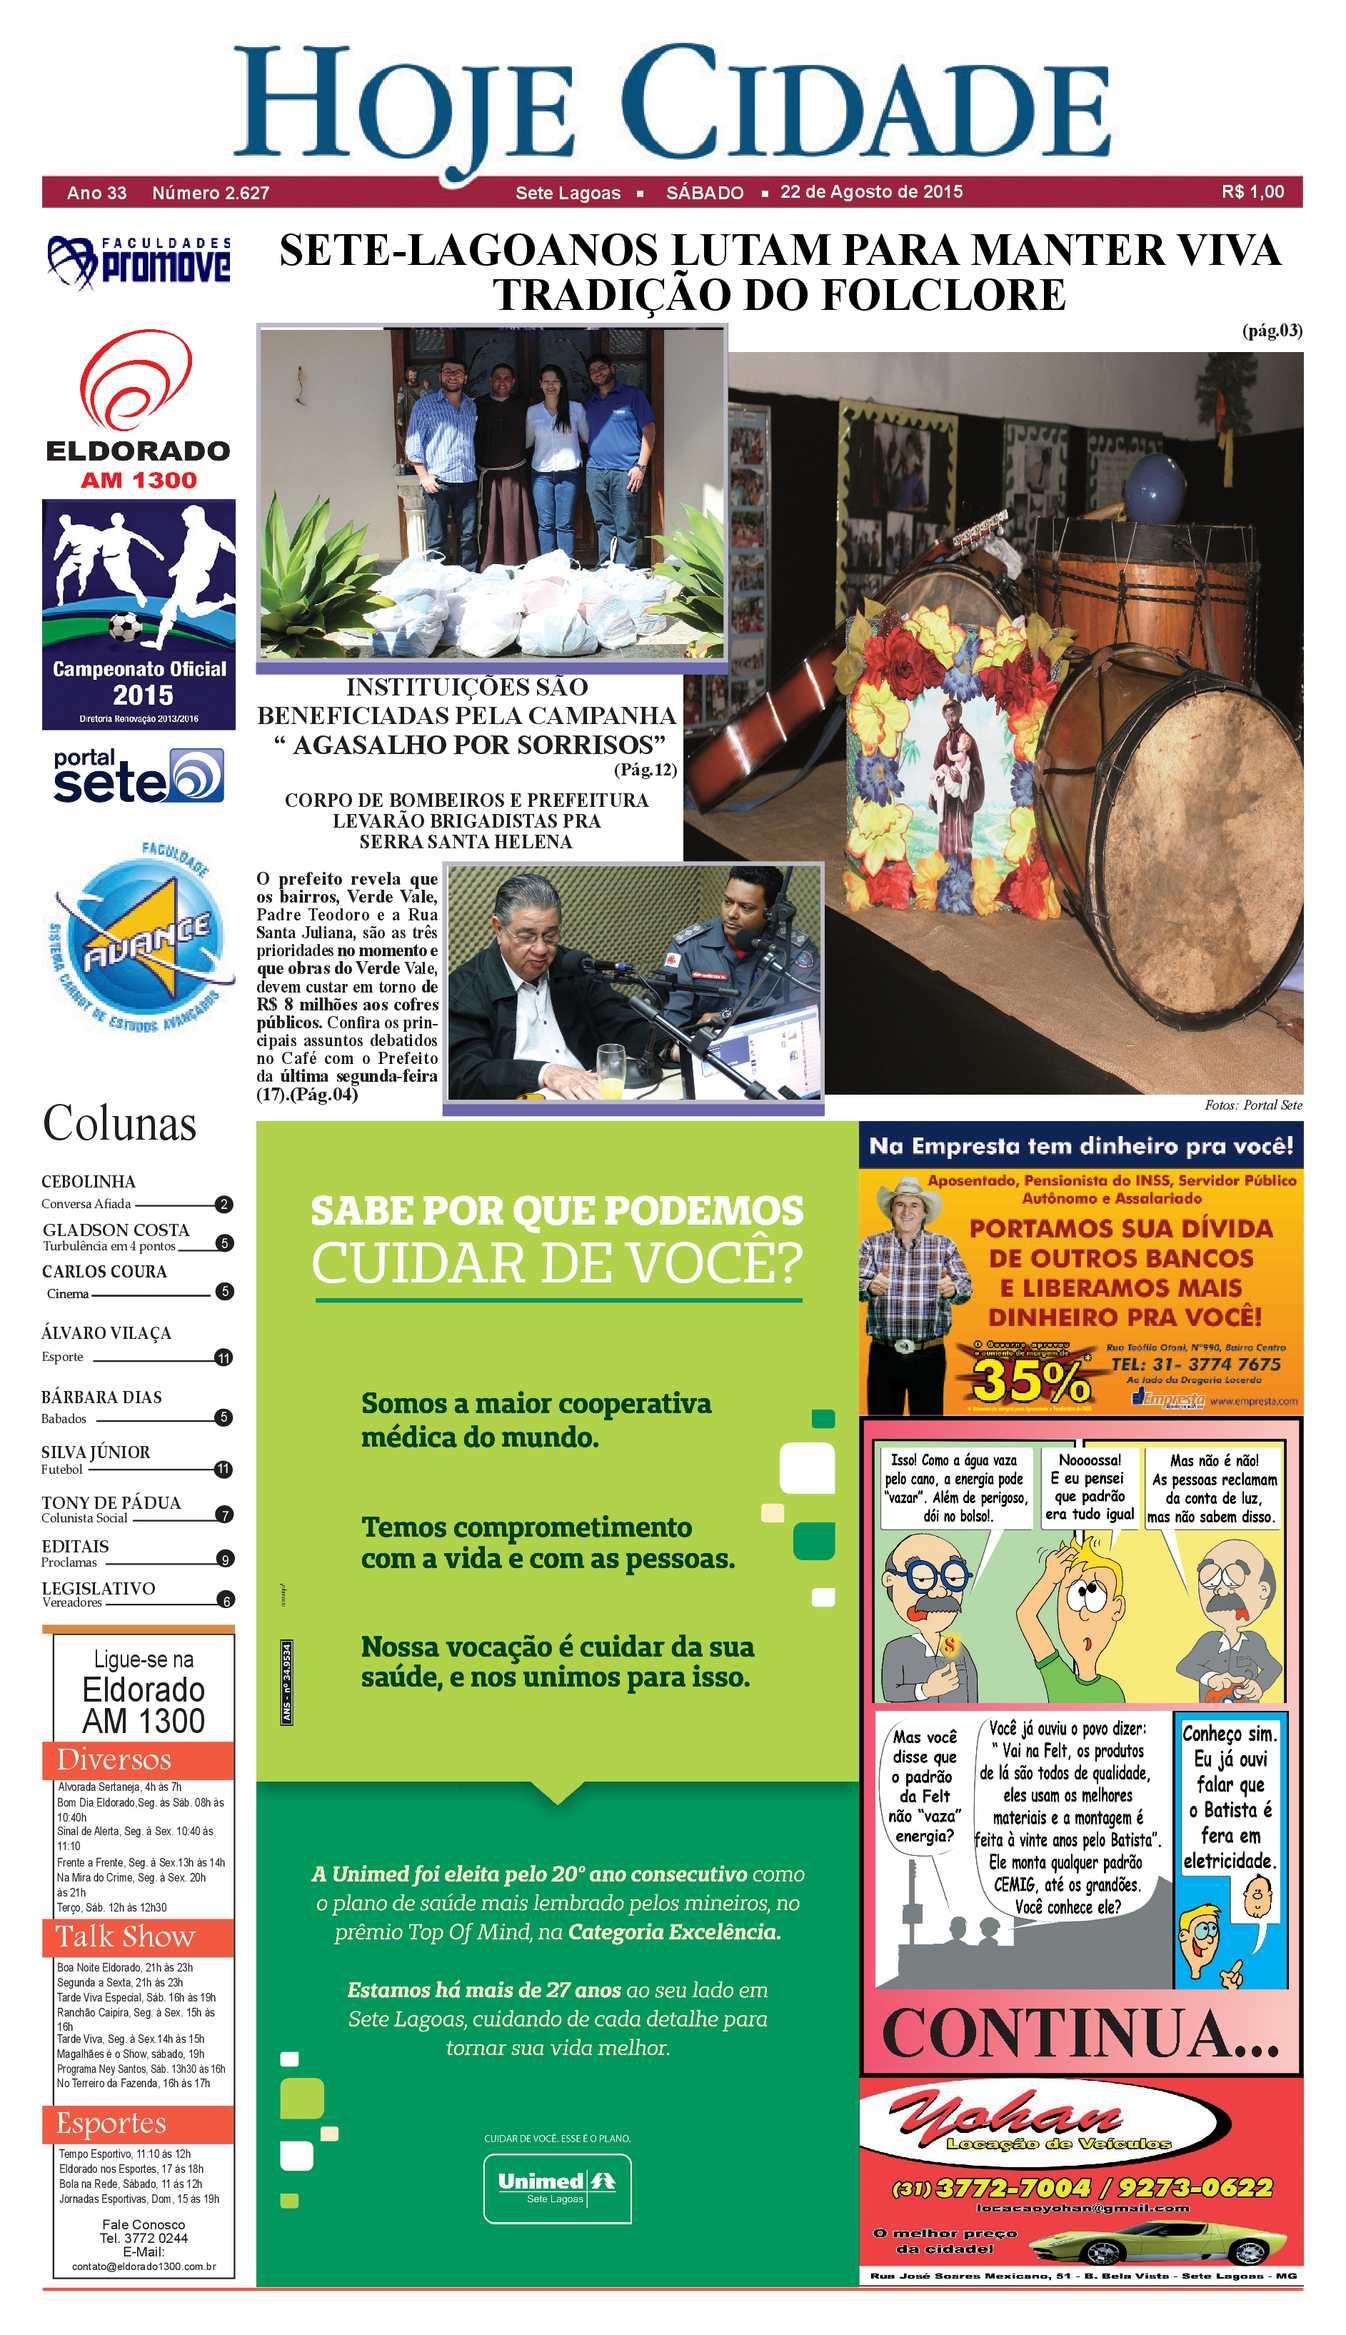 7dfa0821d9 Calaméo - Jornal Hoje Cidade 22 08 2015